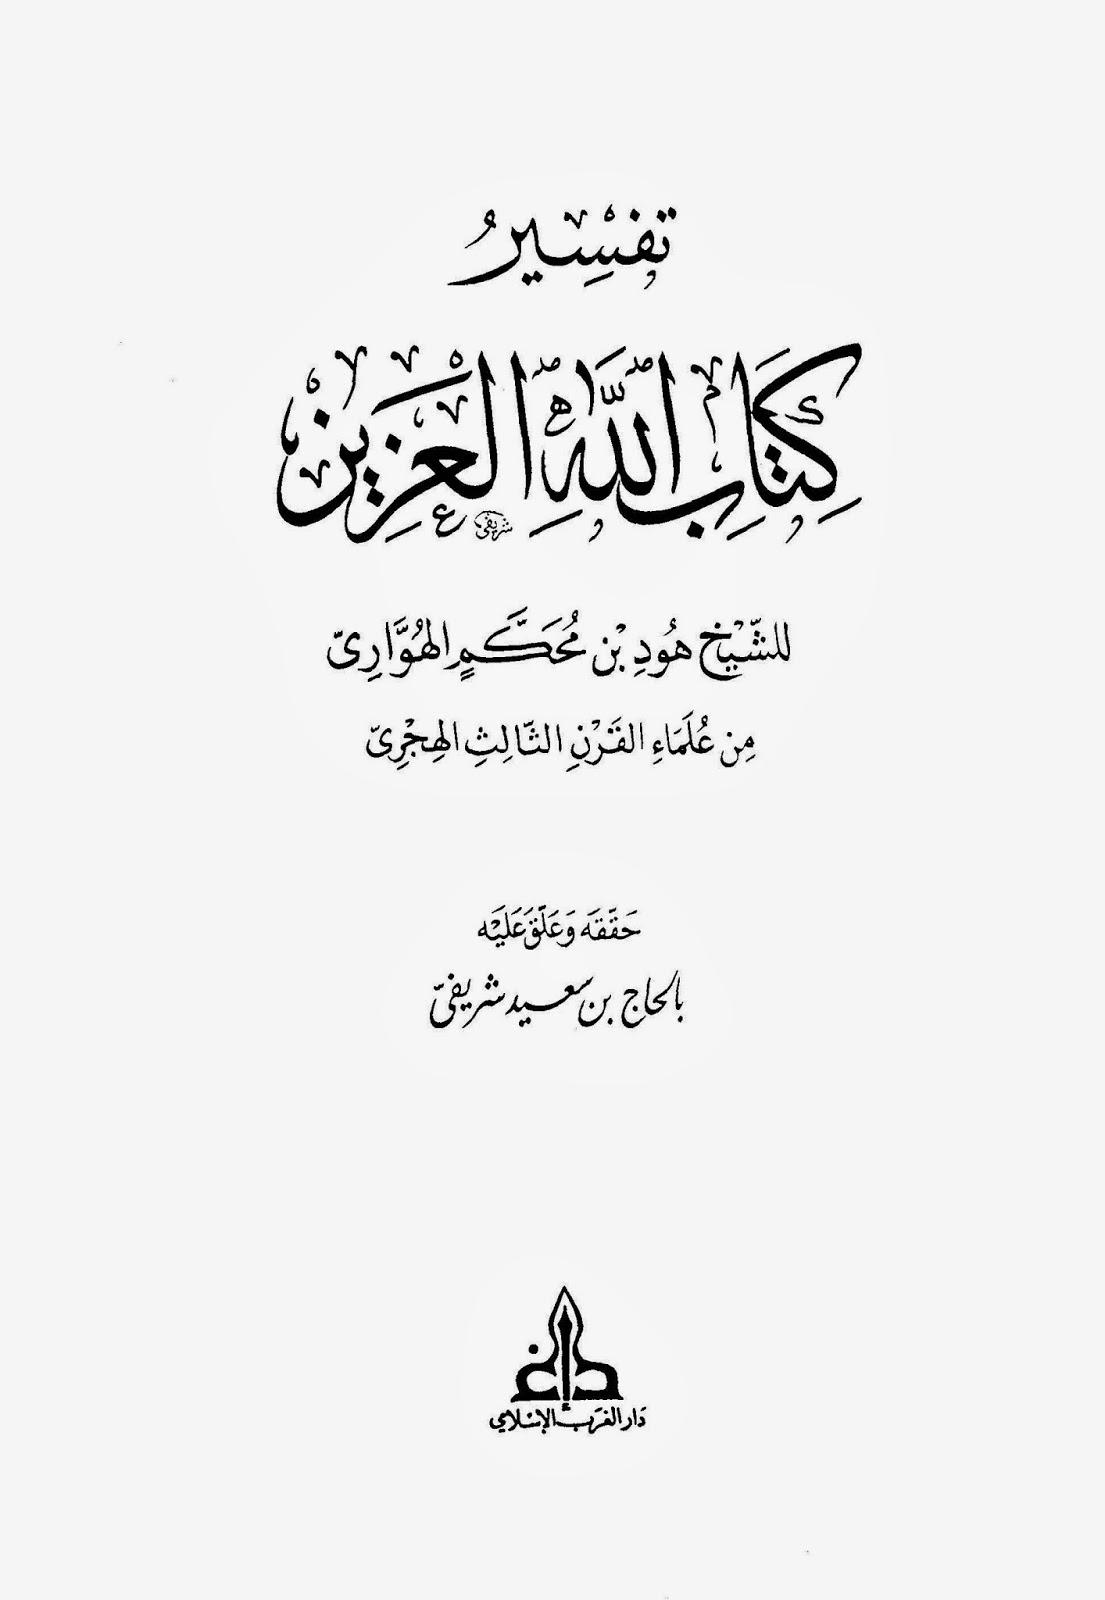 تفسير كتاب الله العزيز - هود الهواري